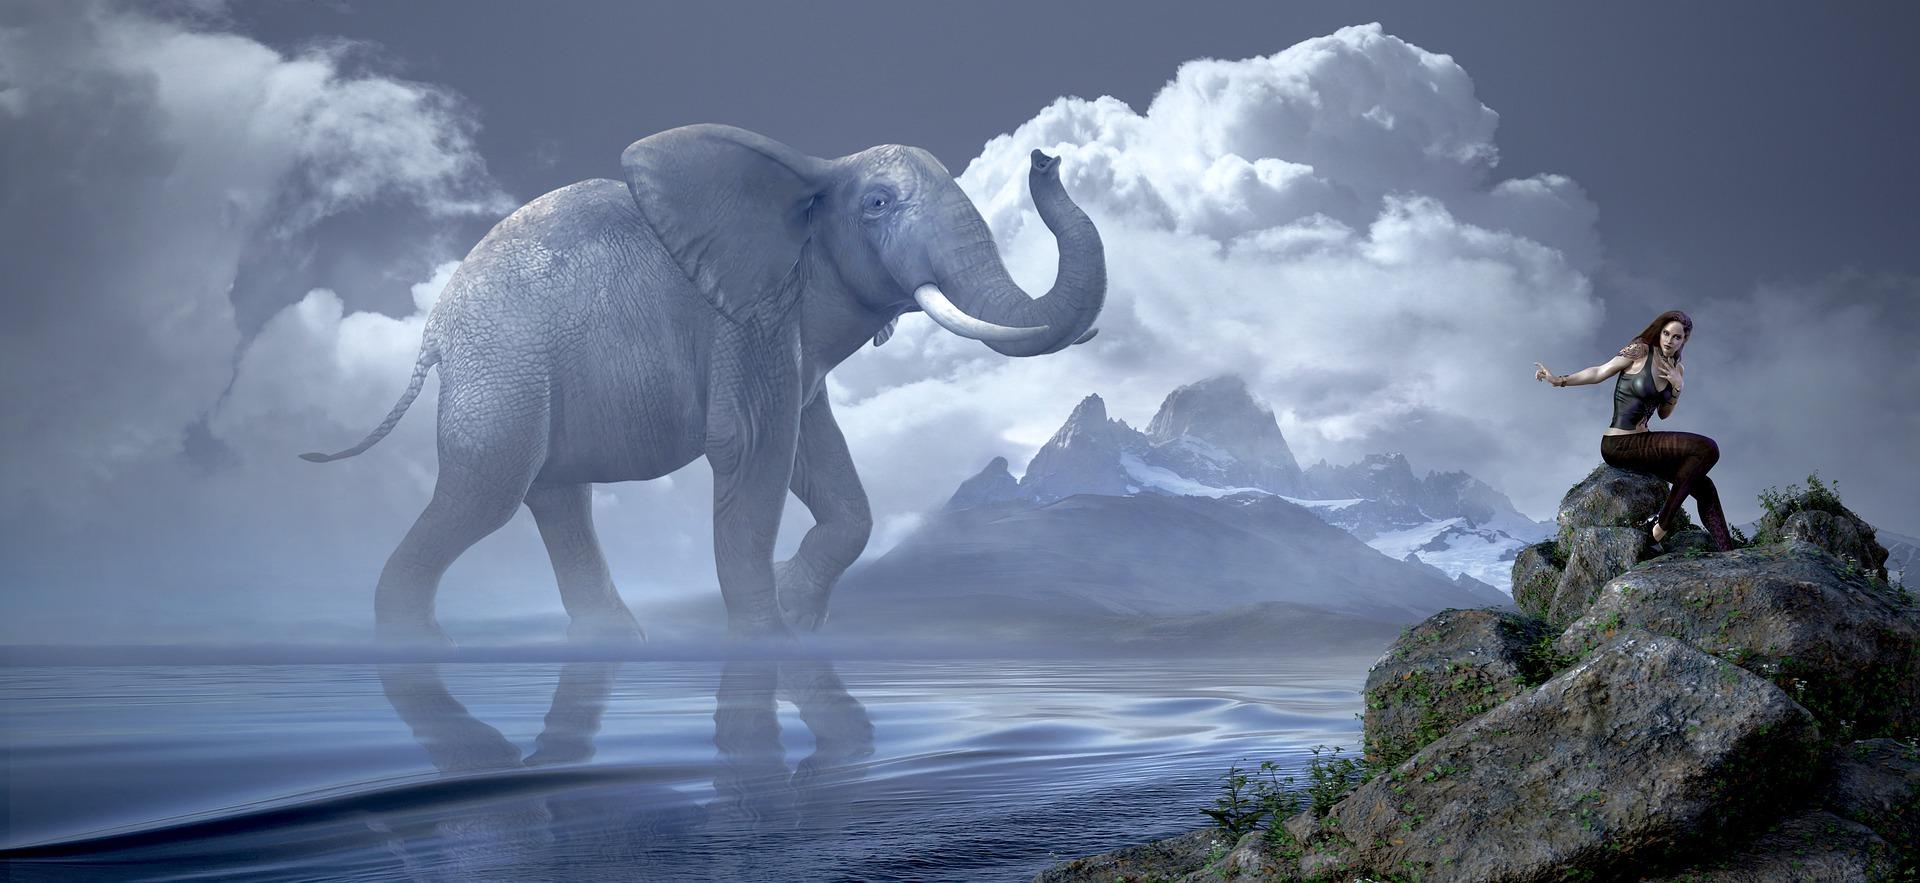 giant fantasy elephant